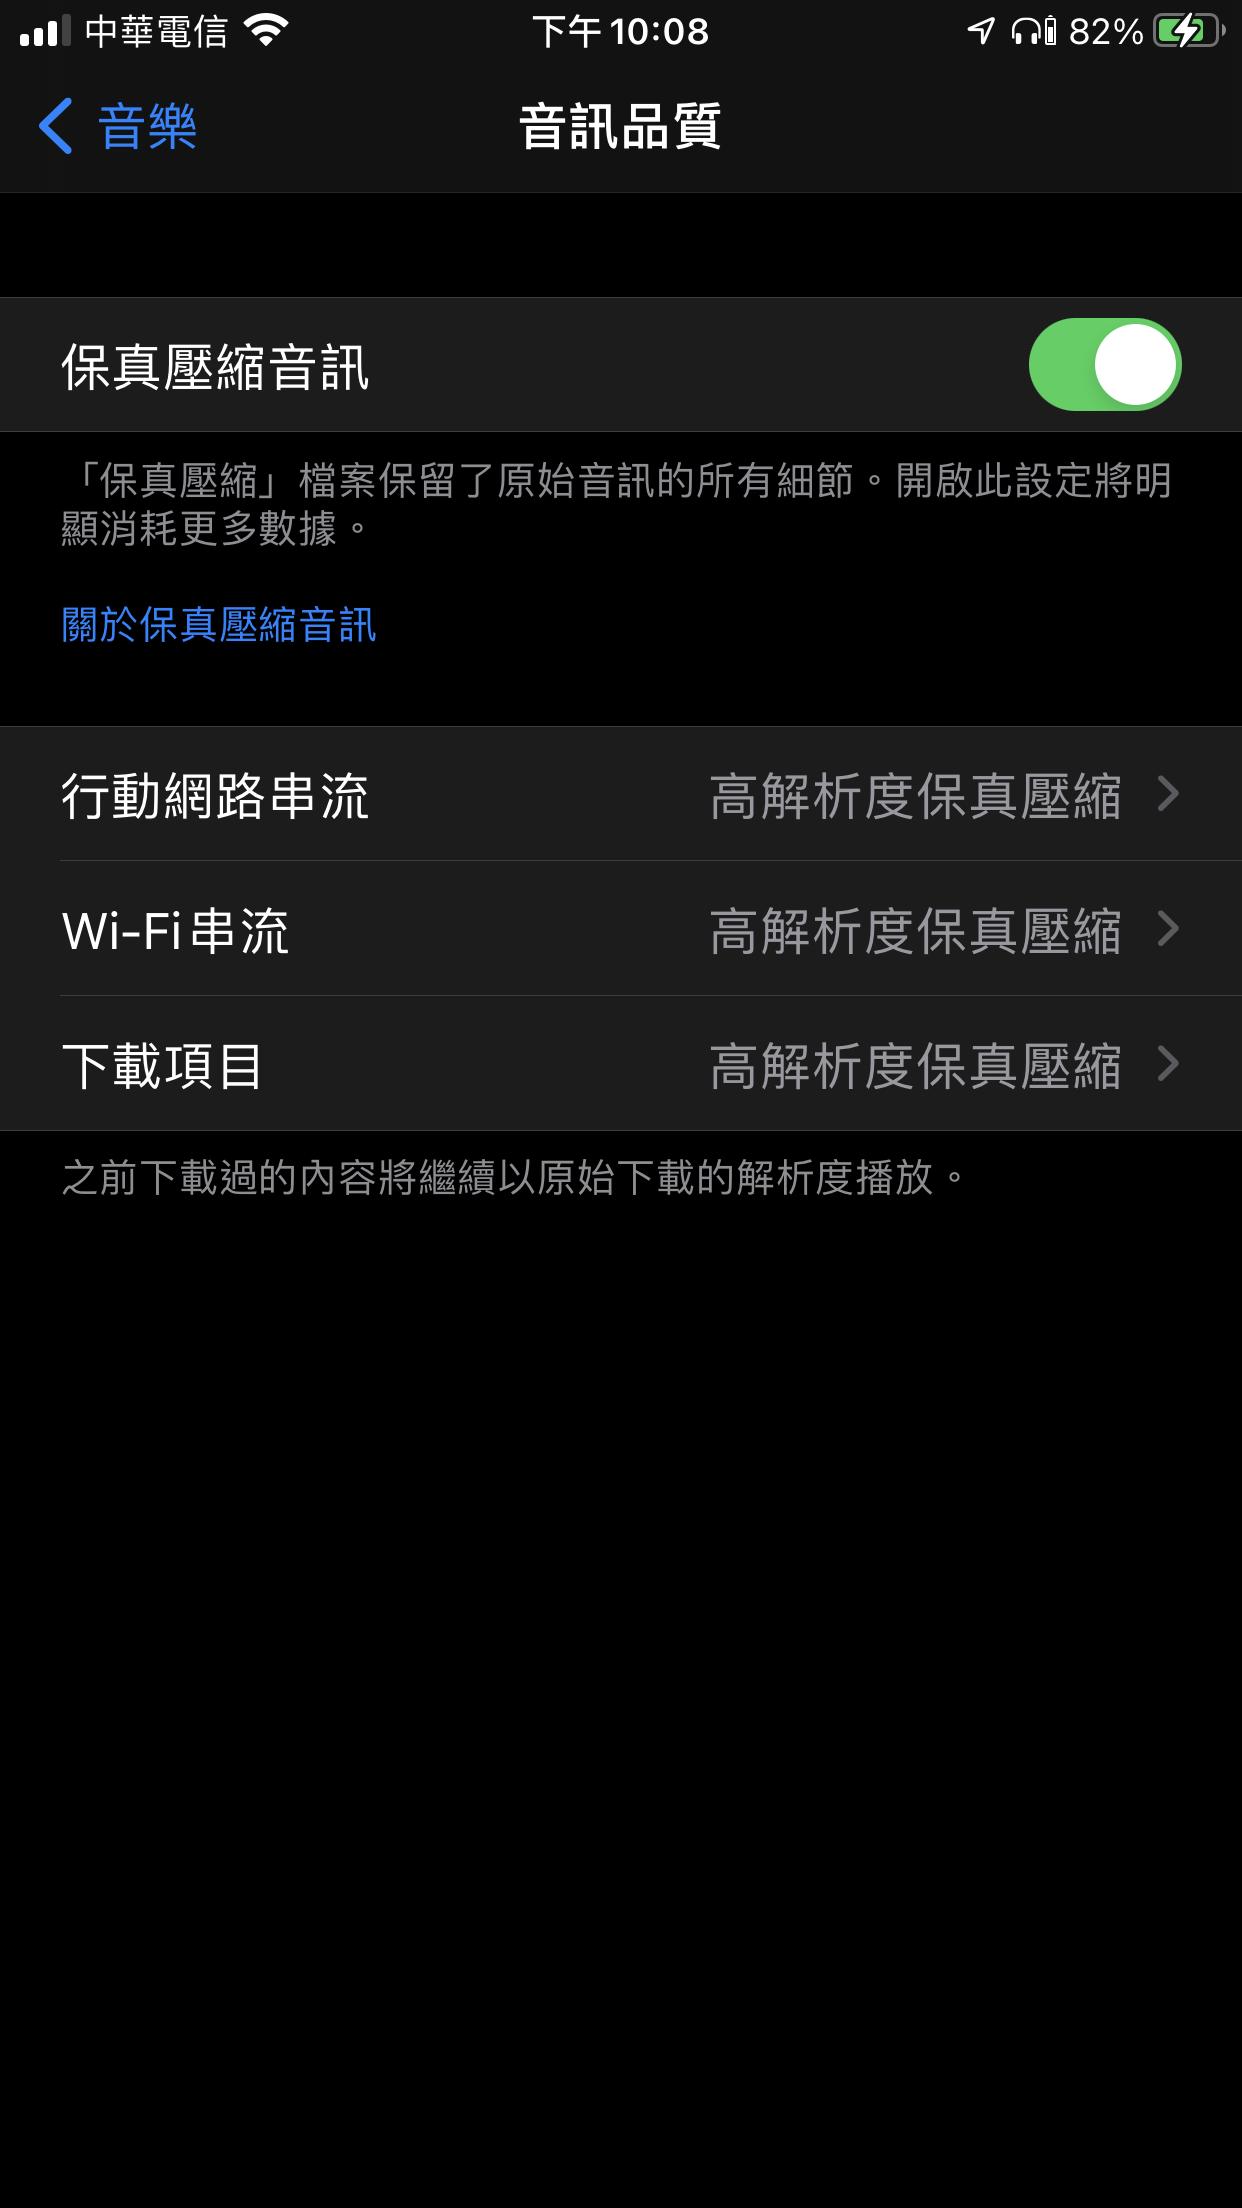 [情報] Apple Music訂閱免費升級無損音質